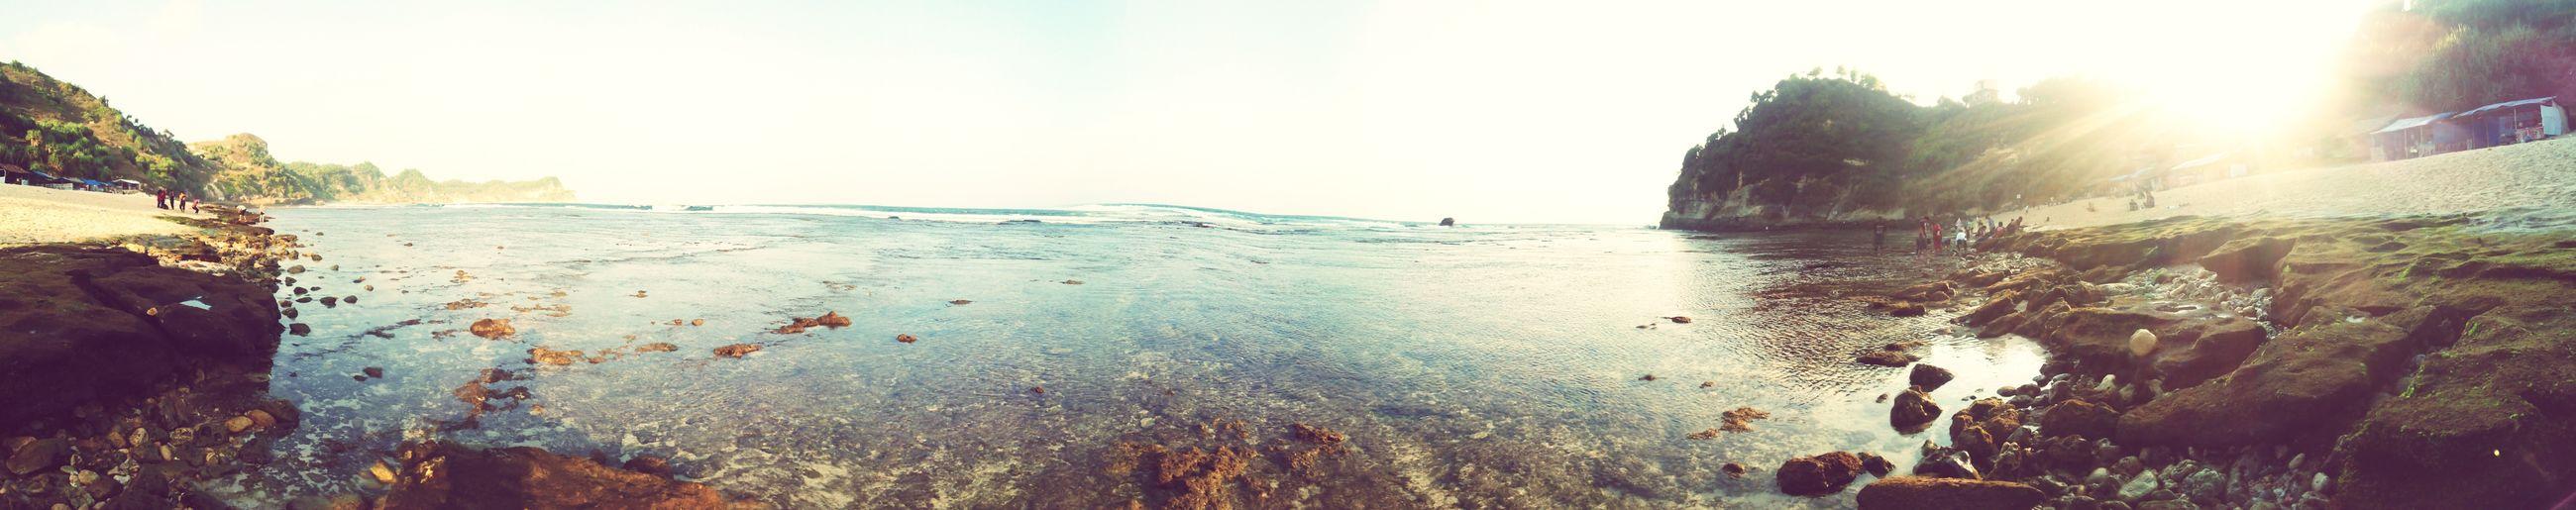 Beach Wonogiri Jawatengah Wonderful Indonesia Holiday